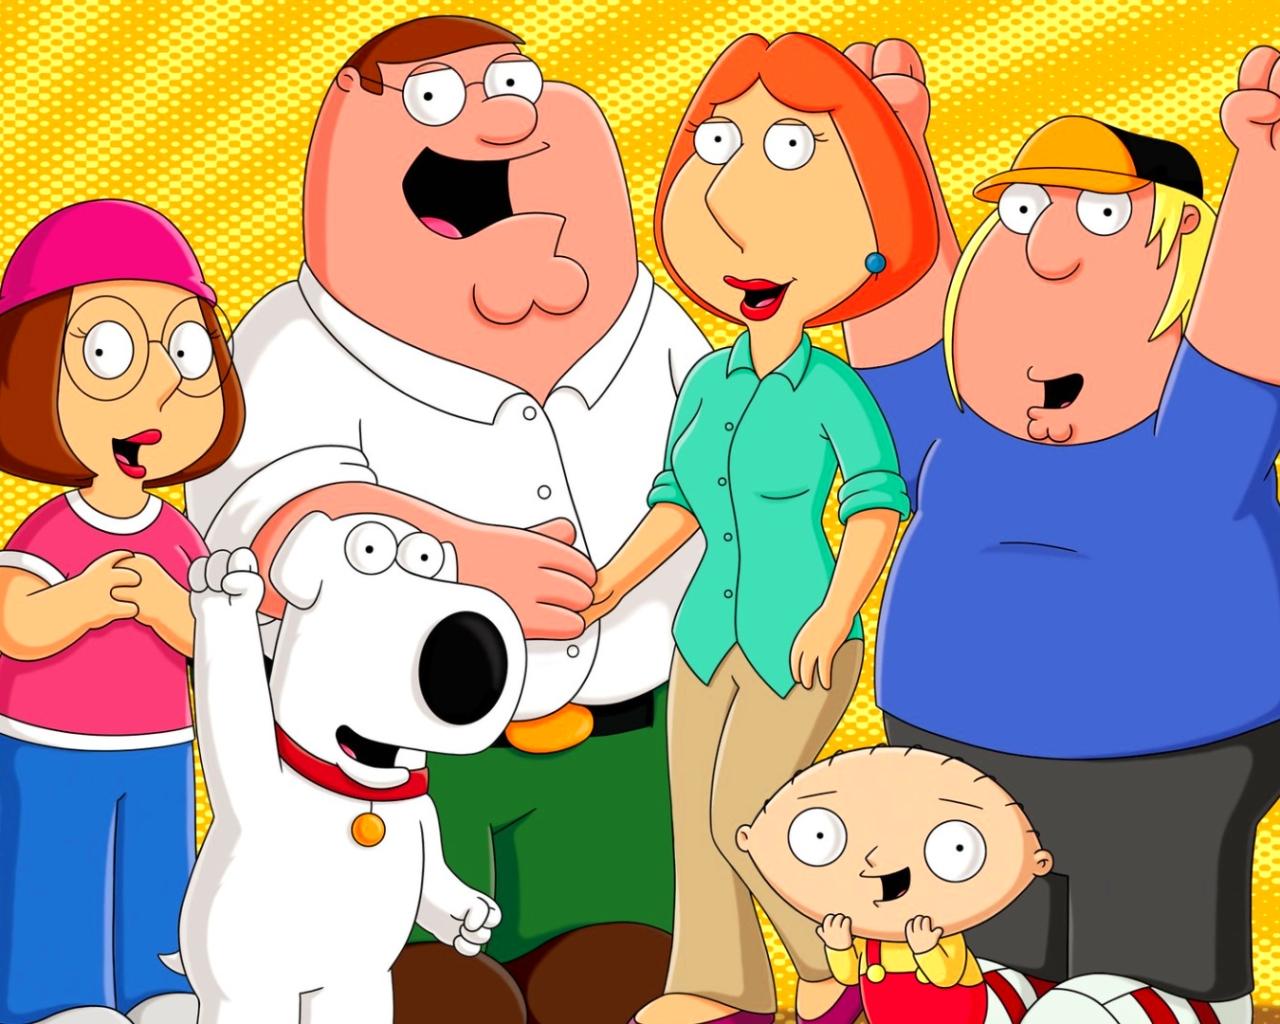 Family Guy - Family Guy Wallpaper (40727720) - Fanpop